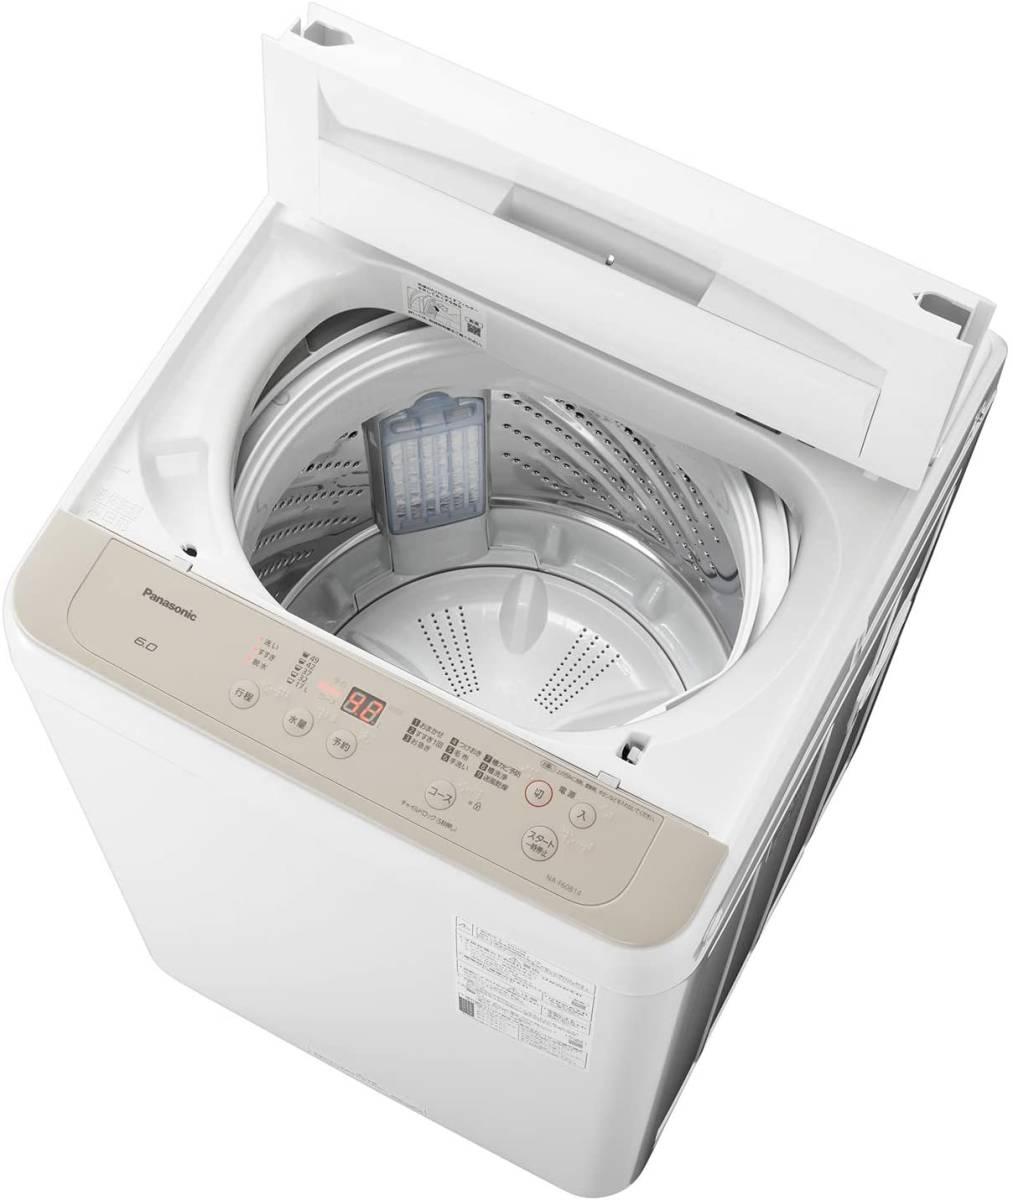 新品☆パナソニック 全自動洗濯機 6kg ビッグウェーブ洗浄 ニュアンスベージュ 送料無料130_画像2